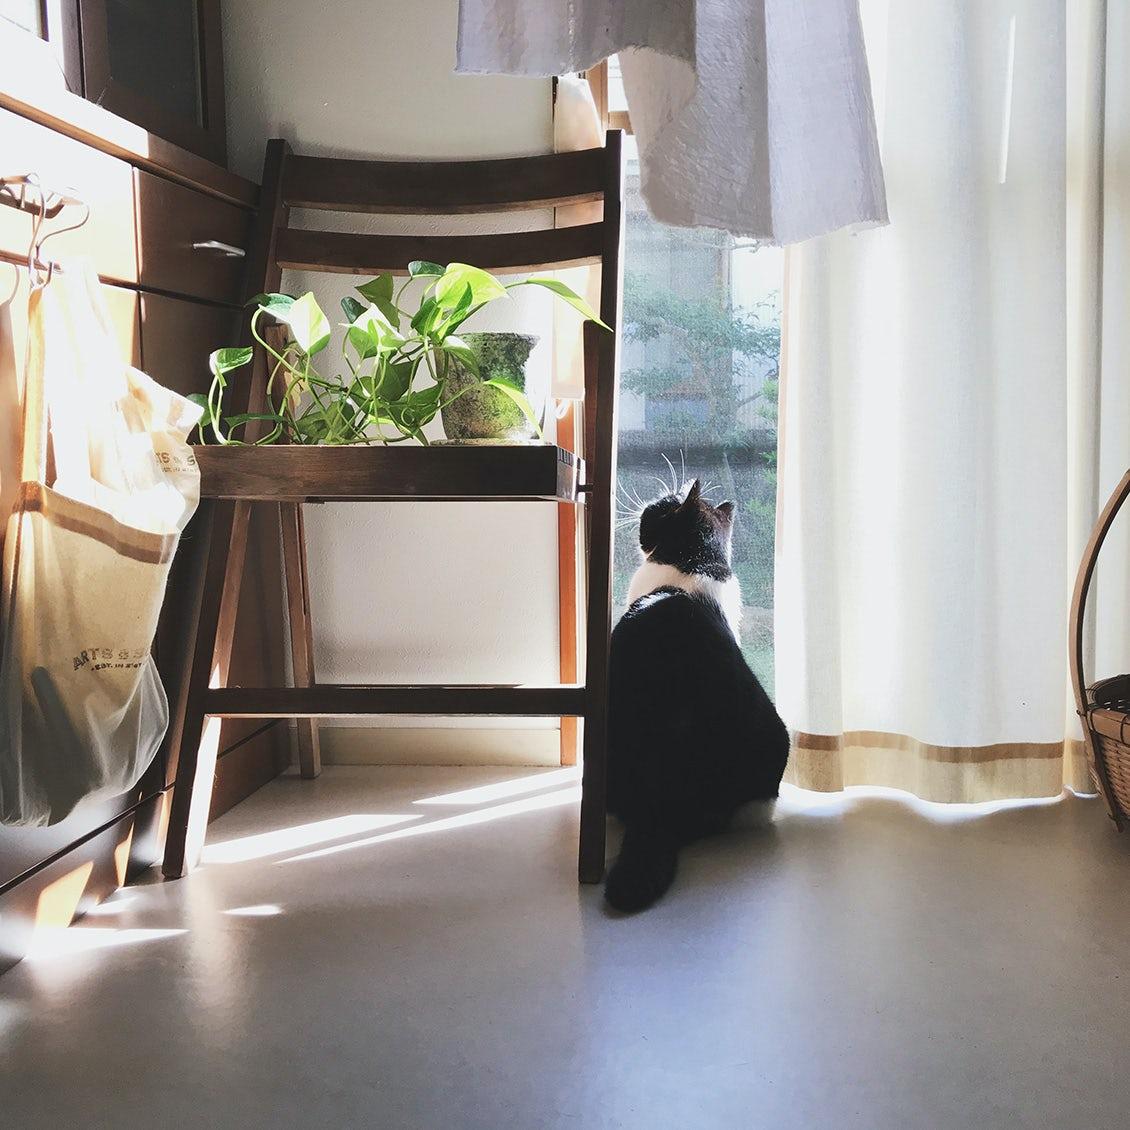 【わが家の朝支度】穏やかに穏やかに。猫と一緒に暮らす一人暮らしの朝